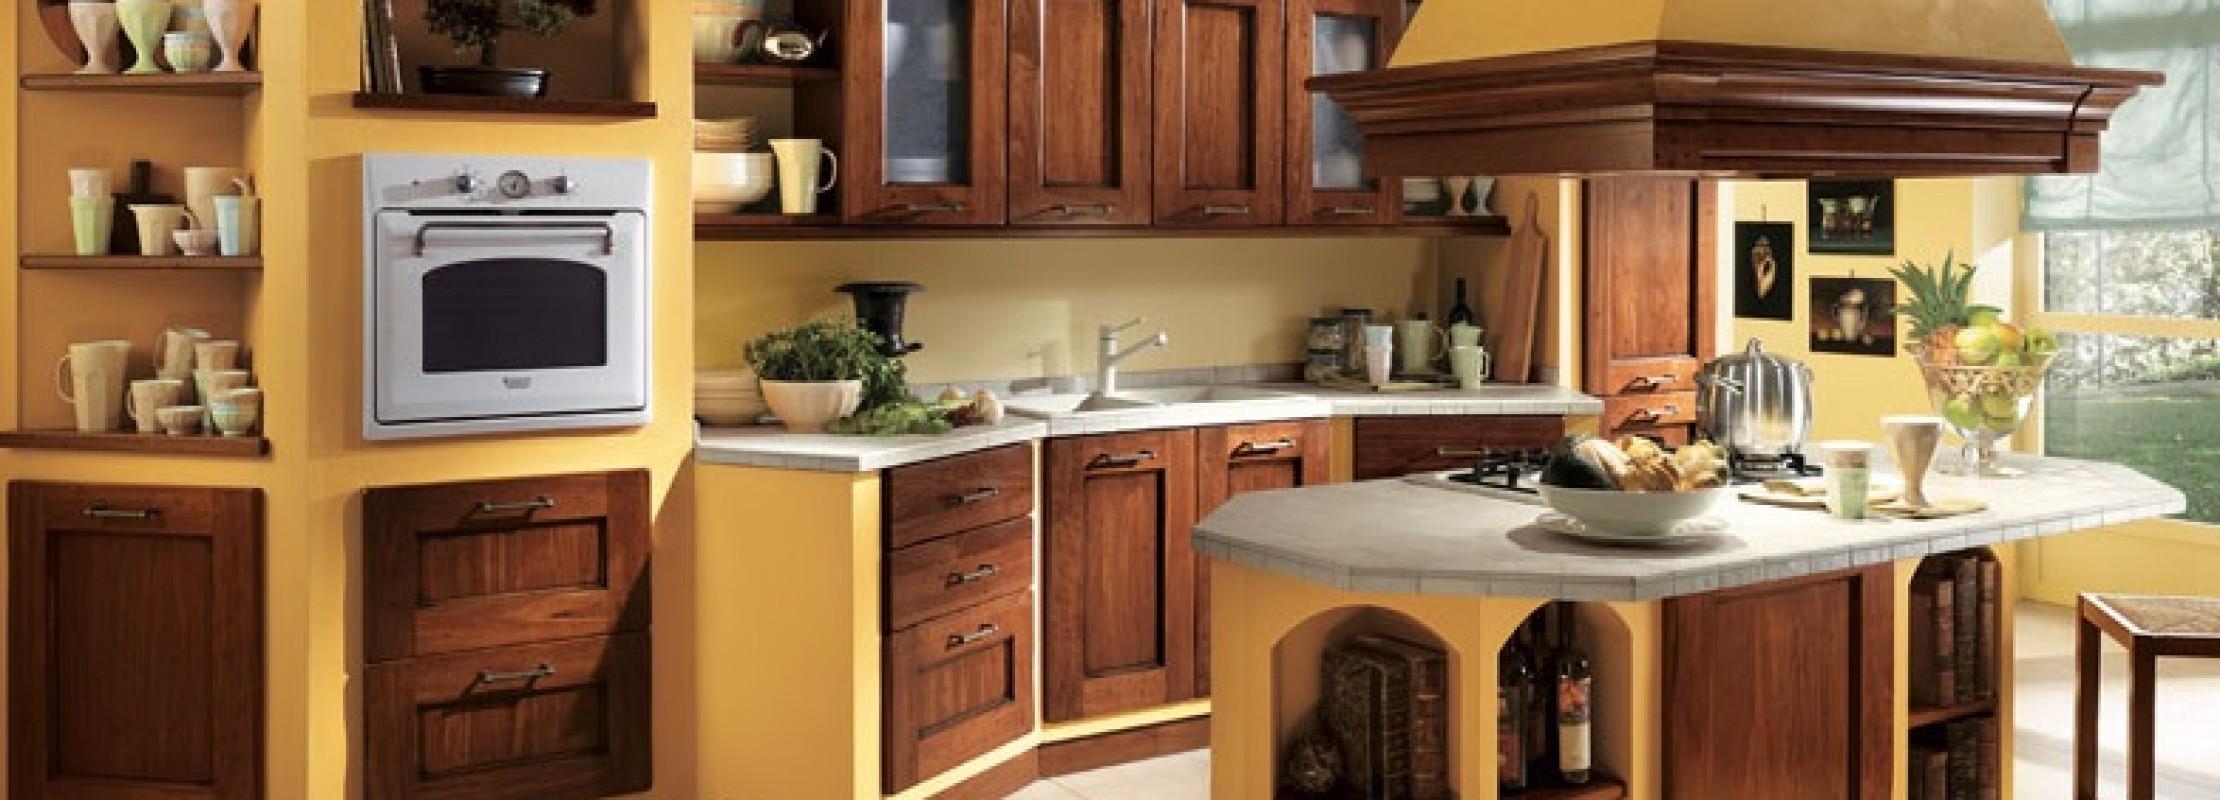 Beautiful cucina in muratura con isola images house interior - Cucina in muratura ...